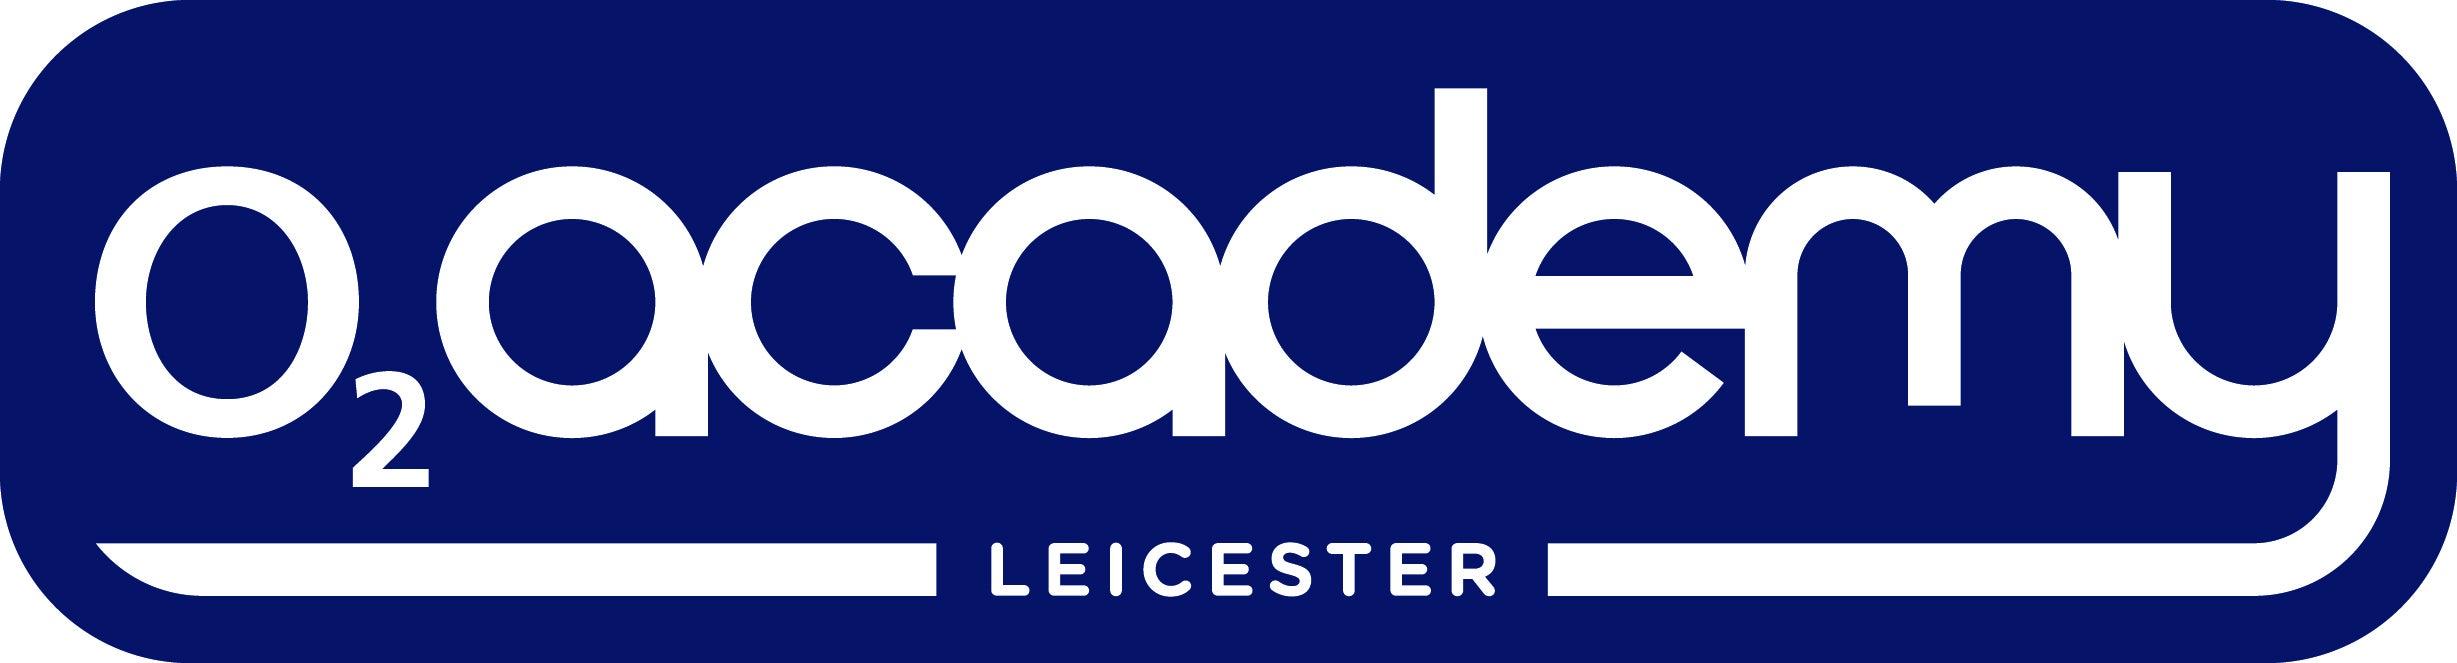 Logo for O2 Academy2 Leicester